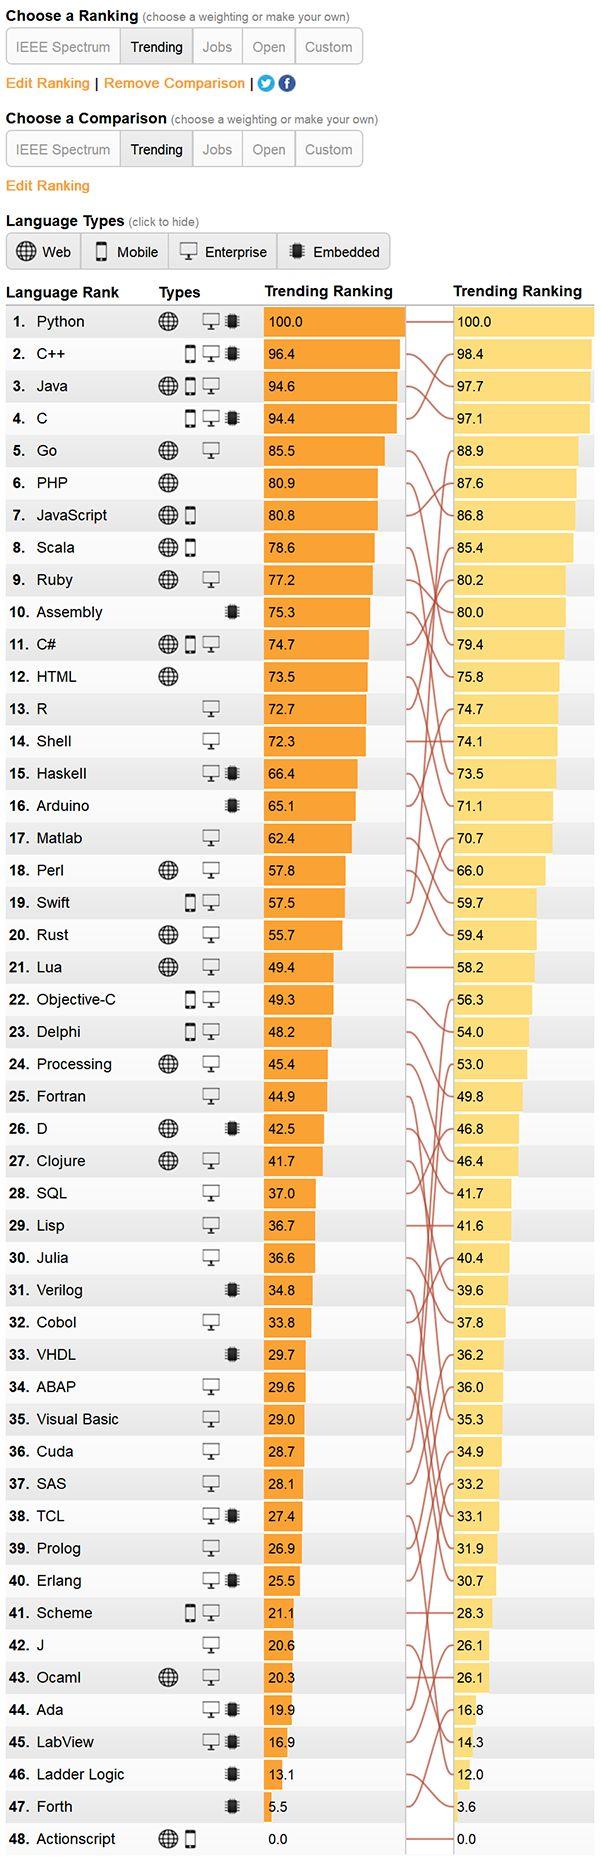 Python 彻底甩掉 Java,位居 48 种编程语言之首!